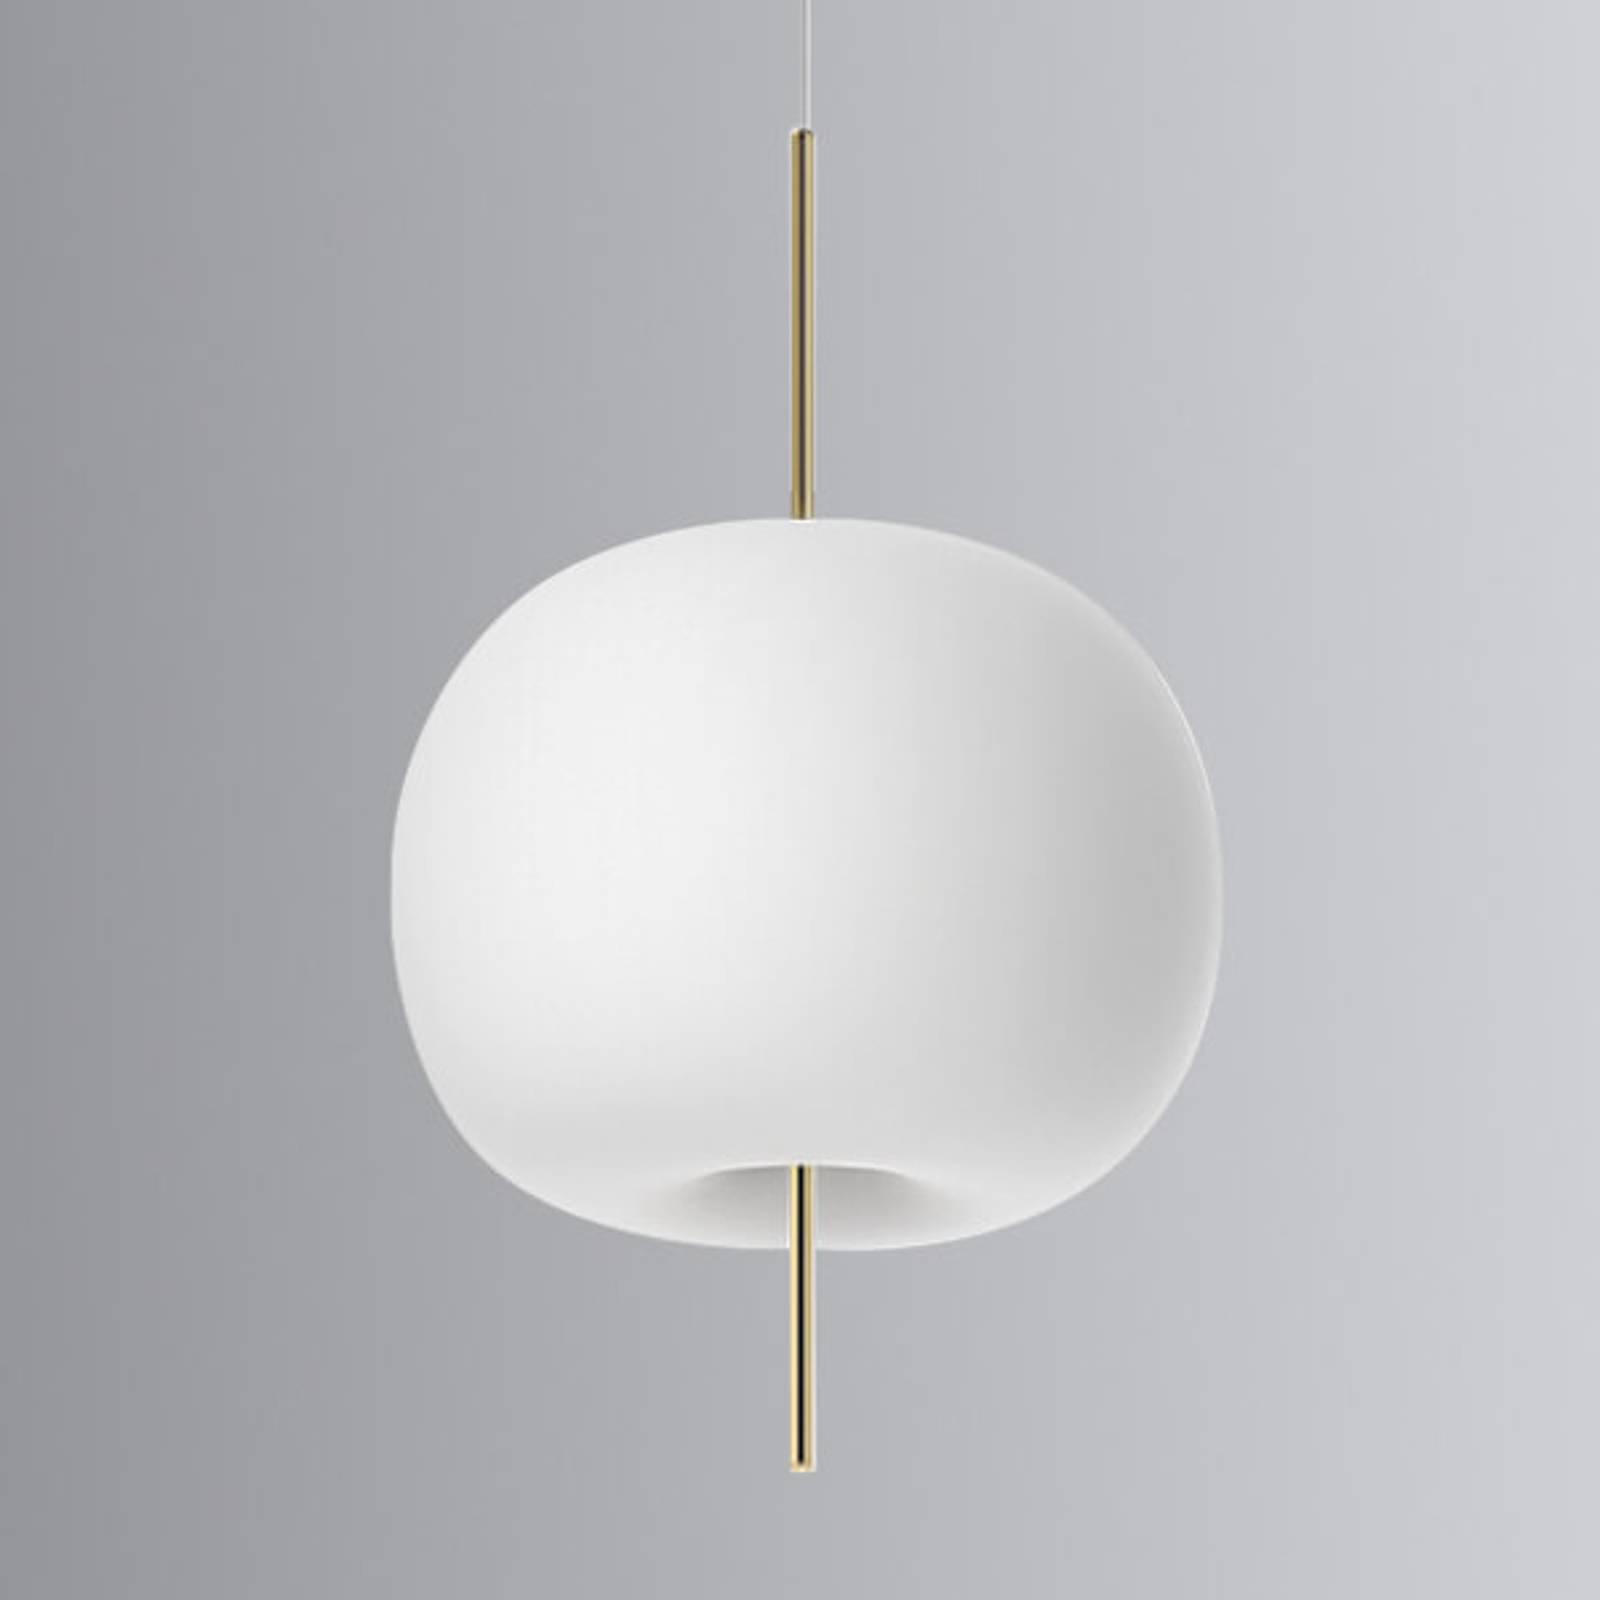 Kundalini Kushi - LED-riippuvalo messinki 33 cm